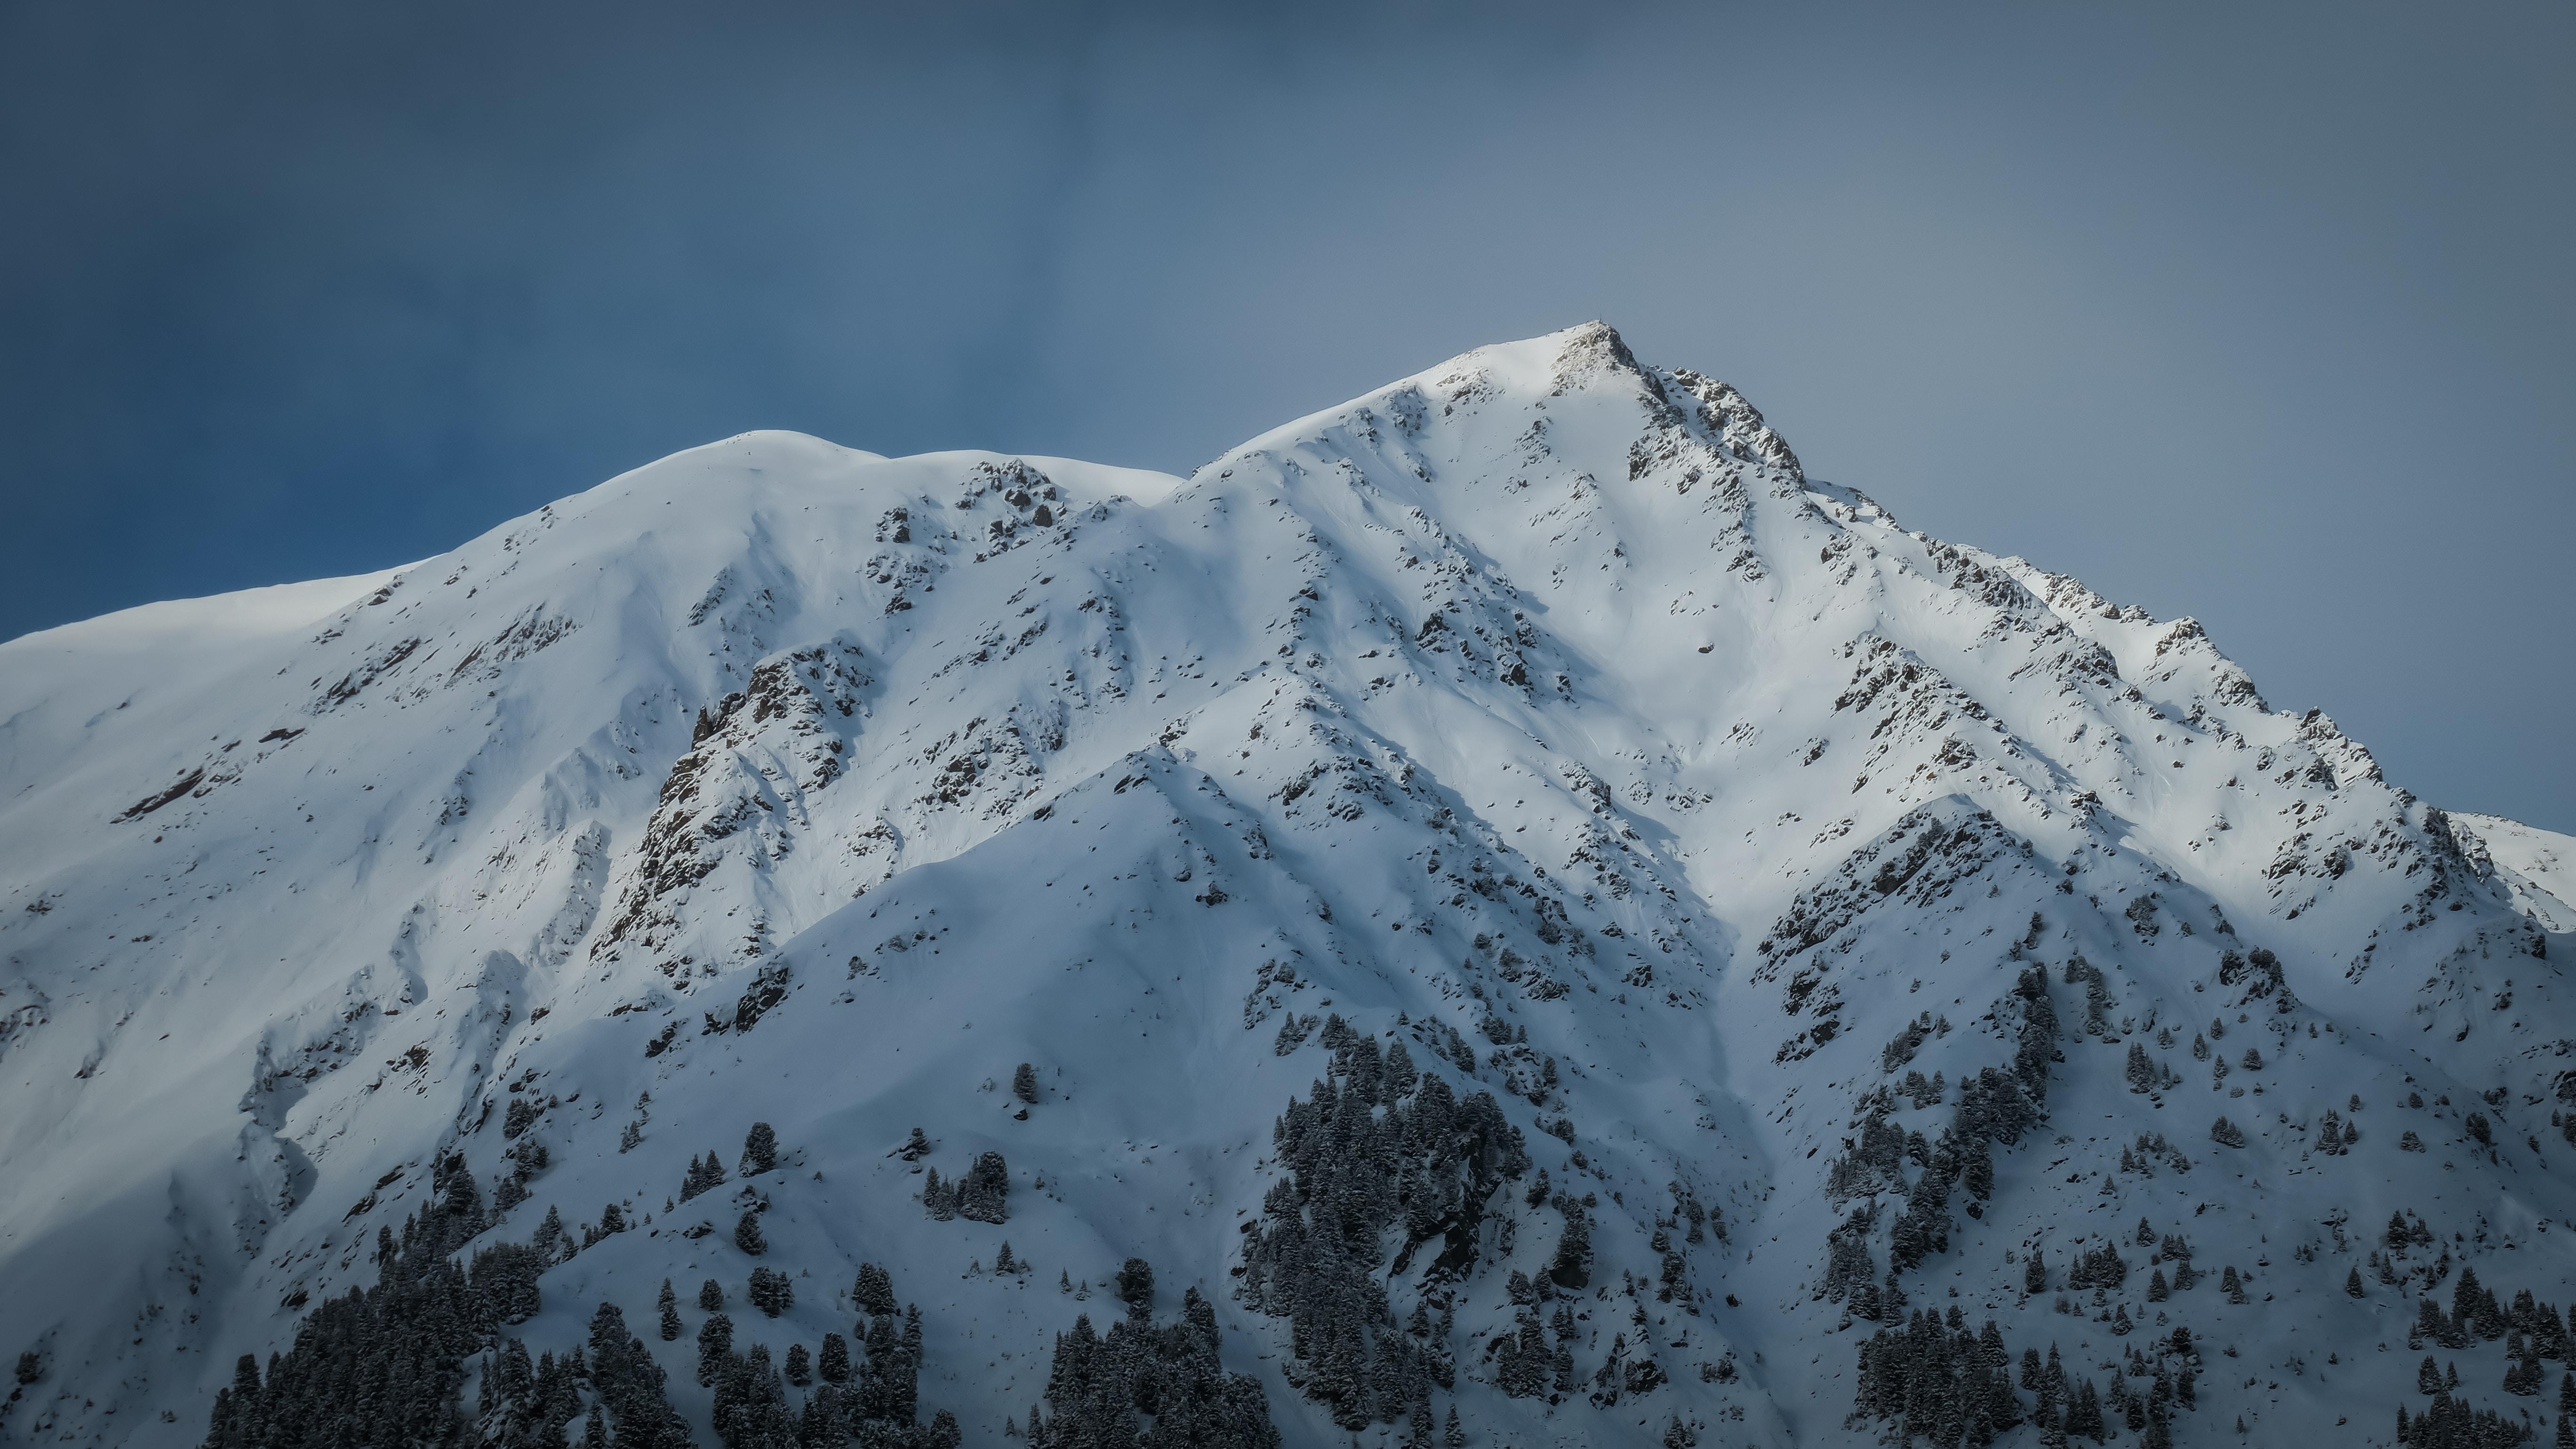 The snowy peak of Juifenalm under dark blue sky